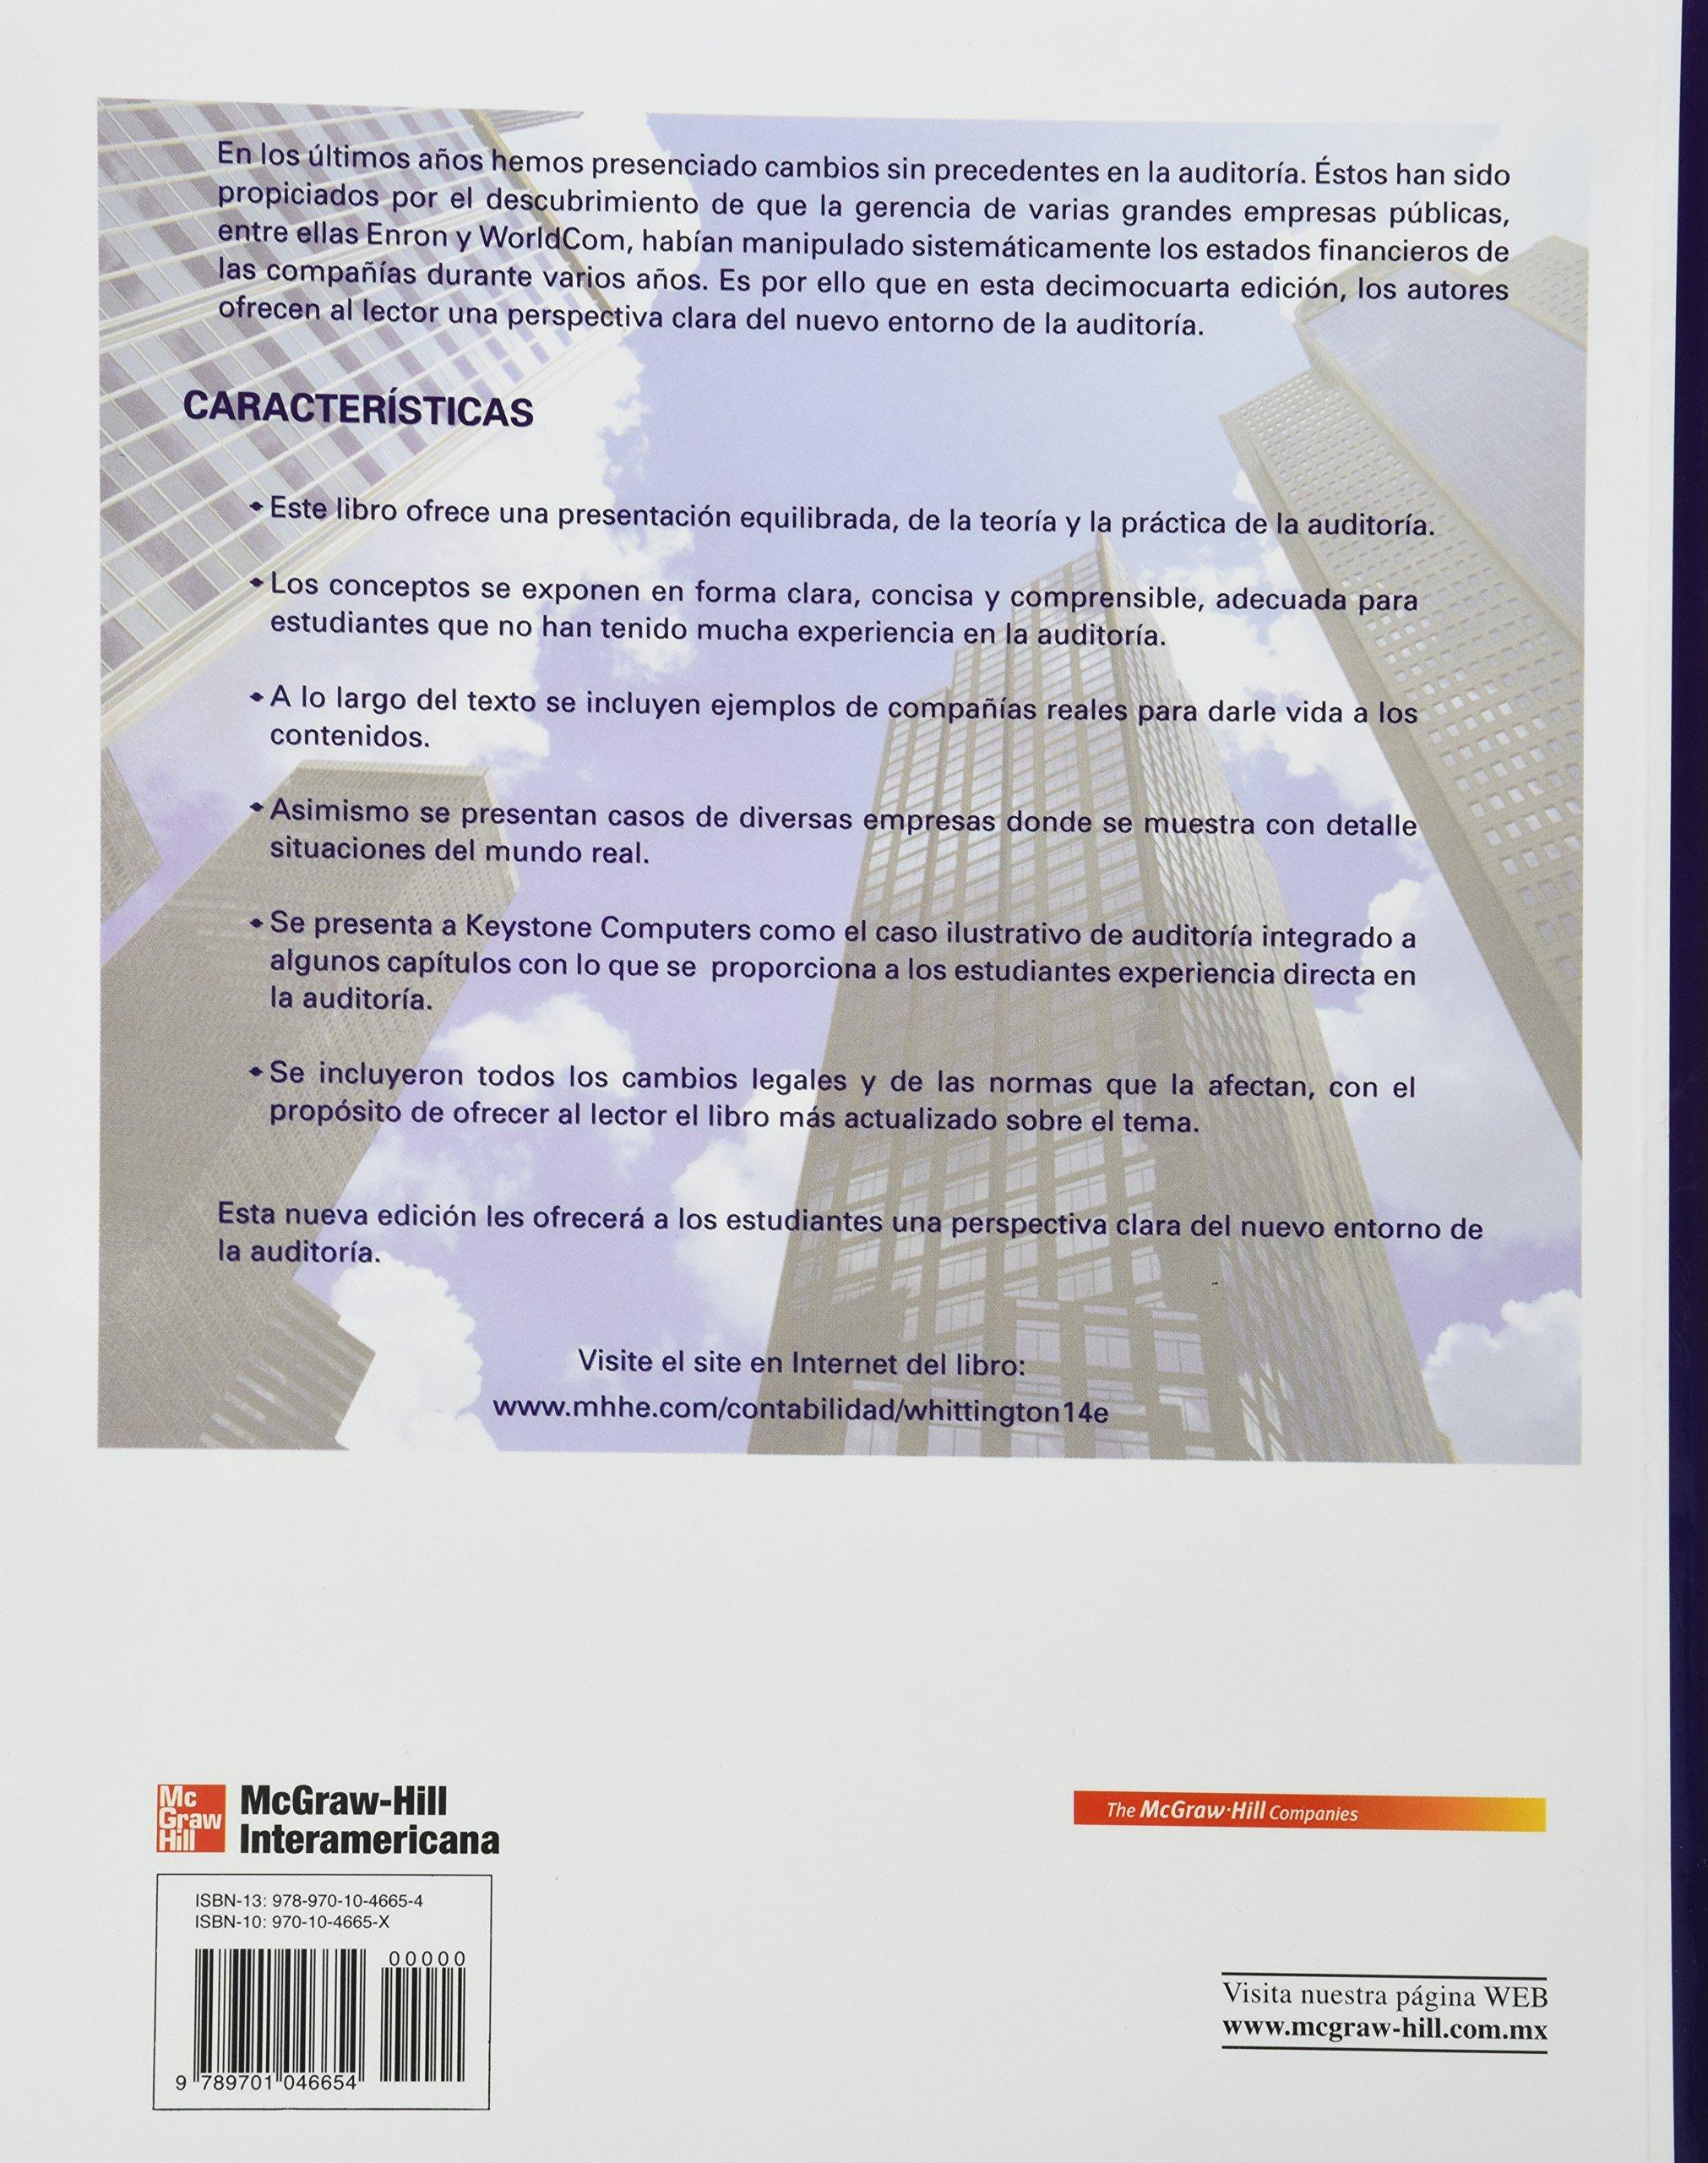 principios de auditoria whittington